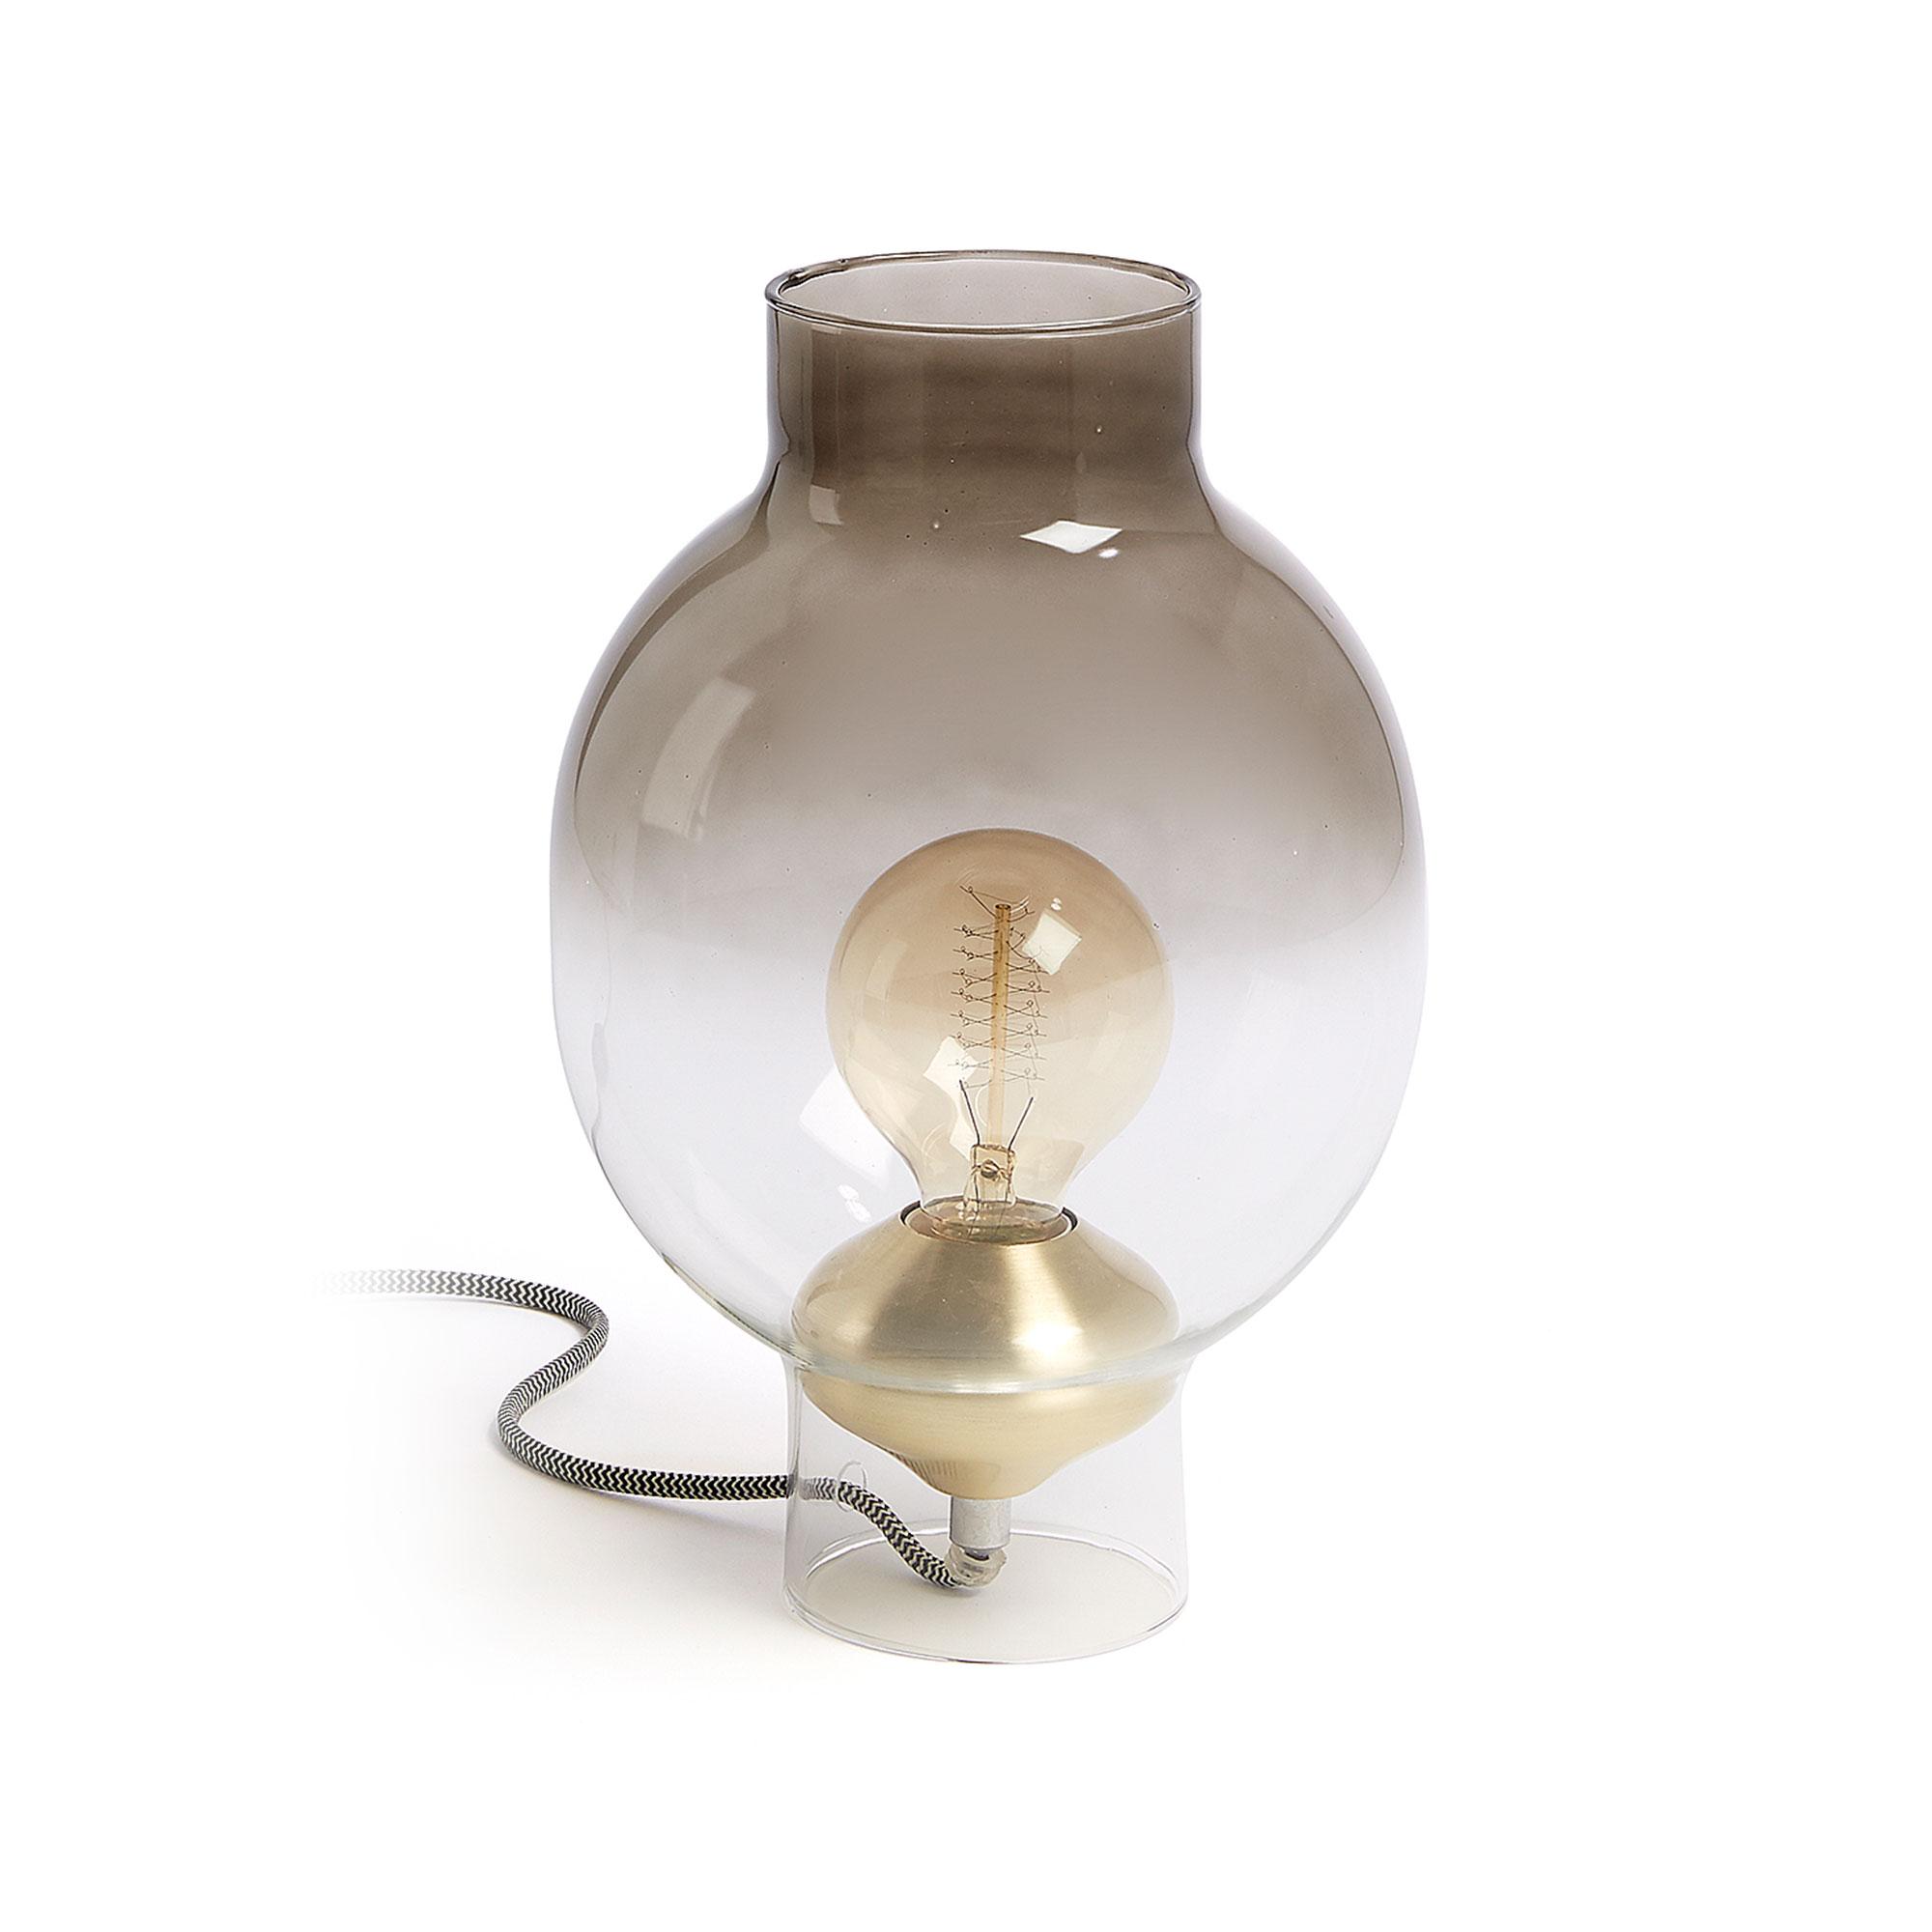 Billede af LAFORMA Menzie bordlampe - glas, rund (Ø20)